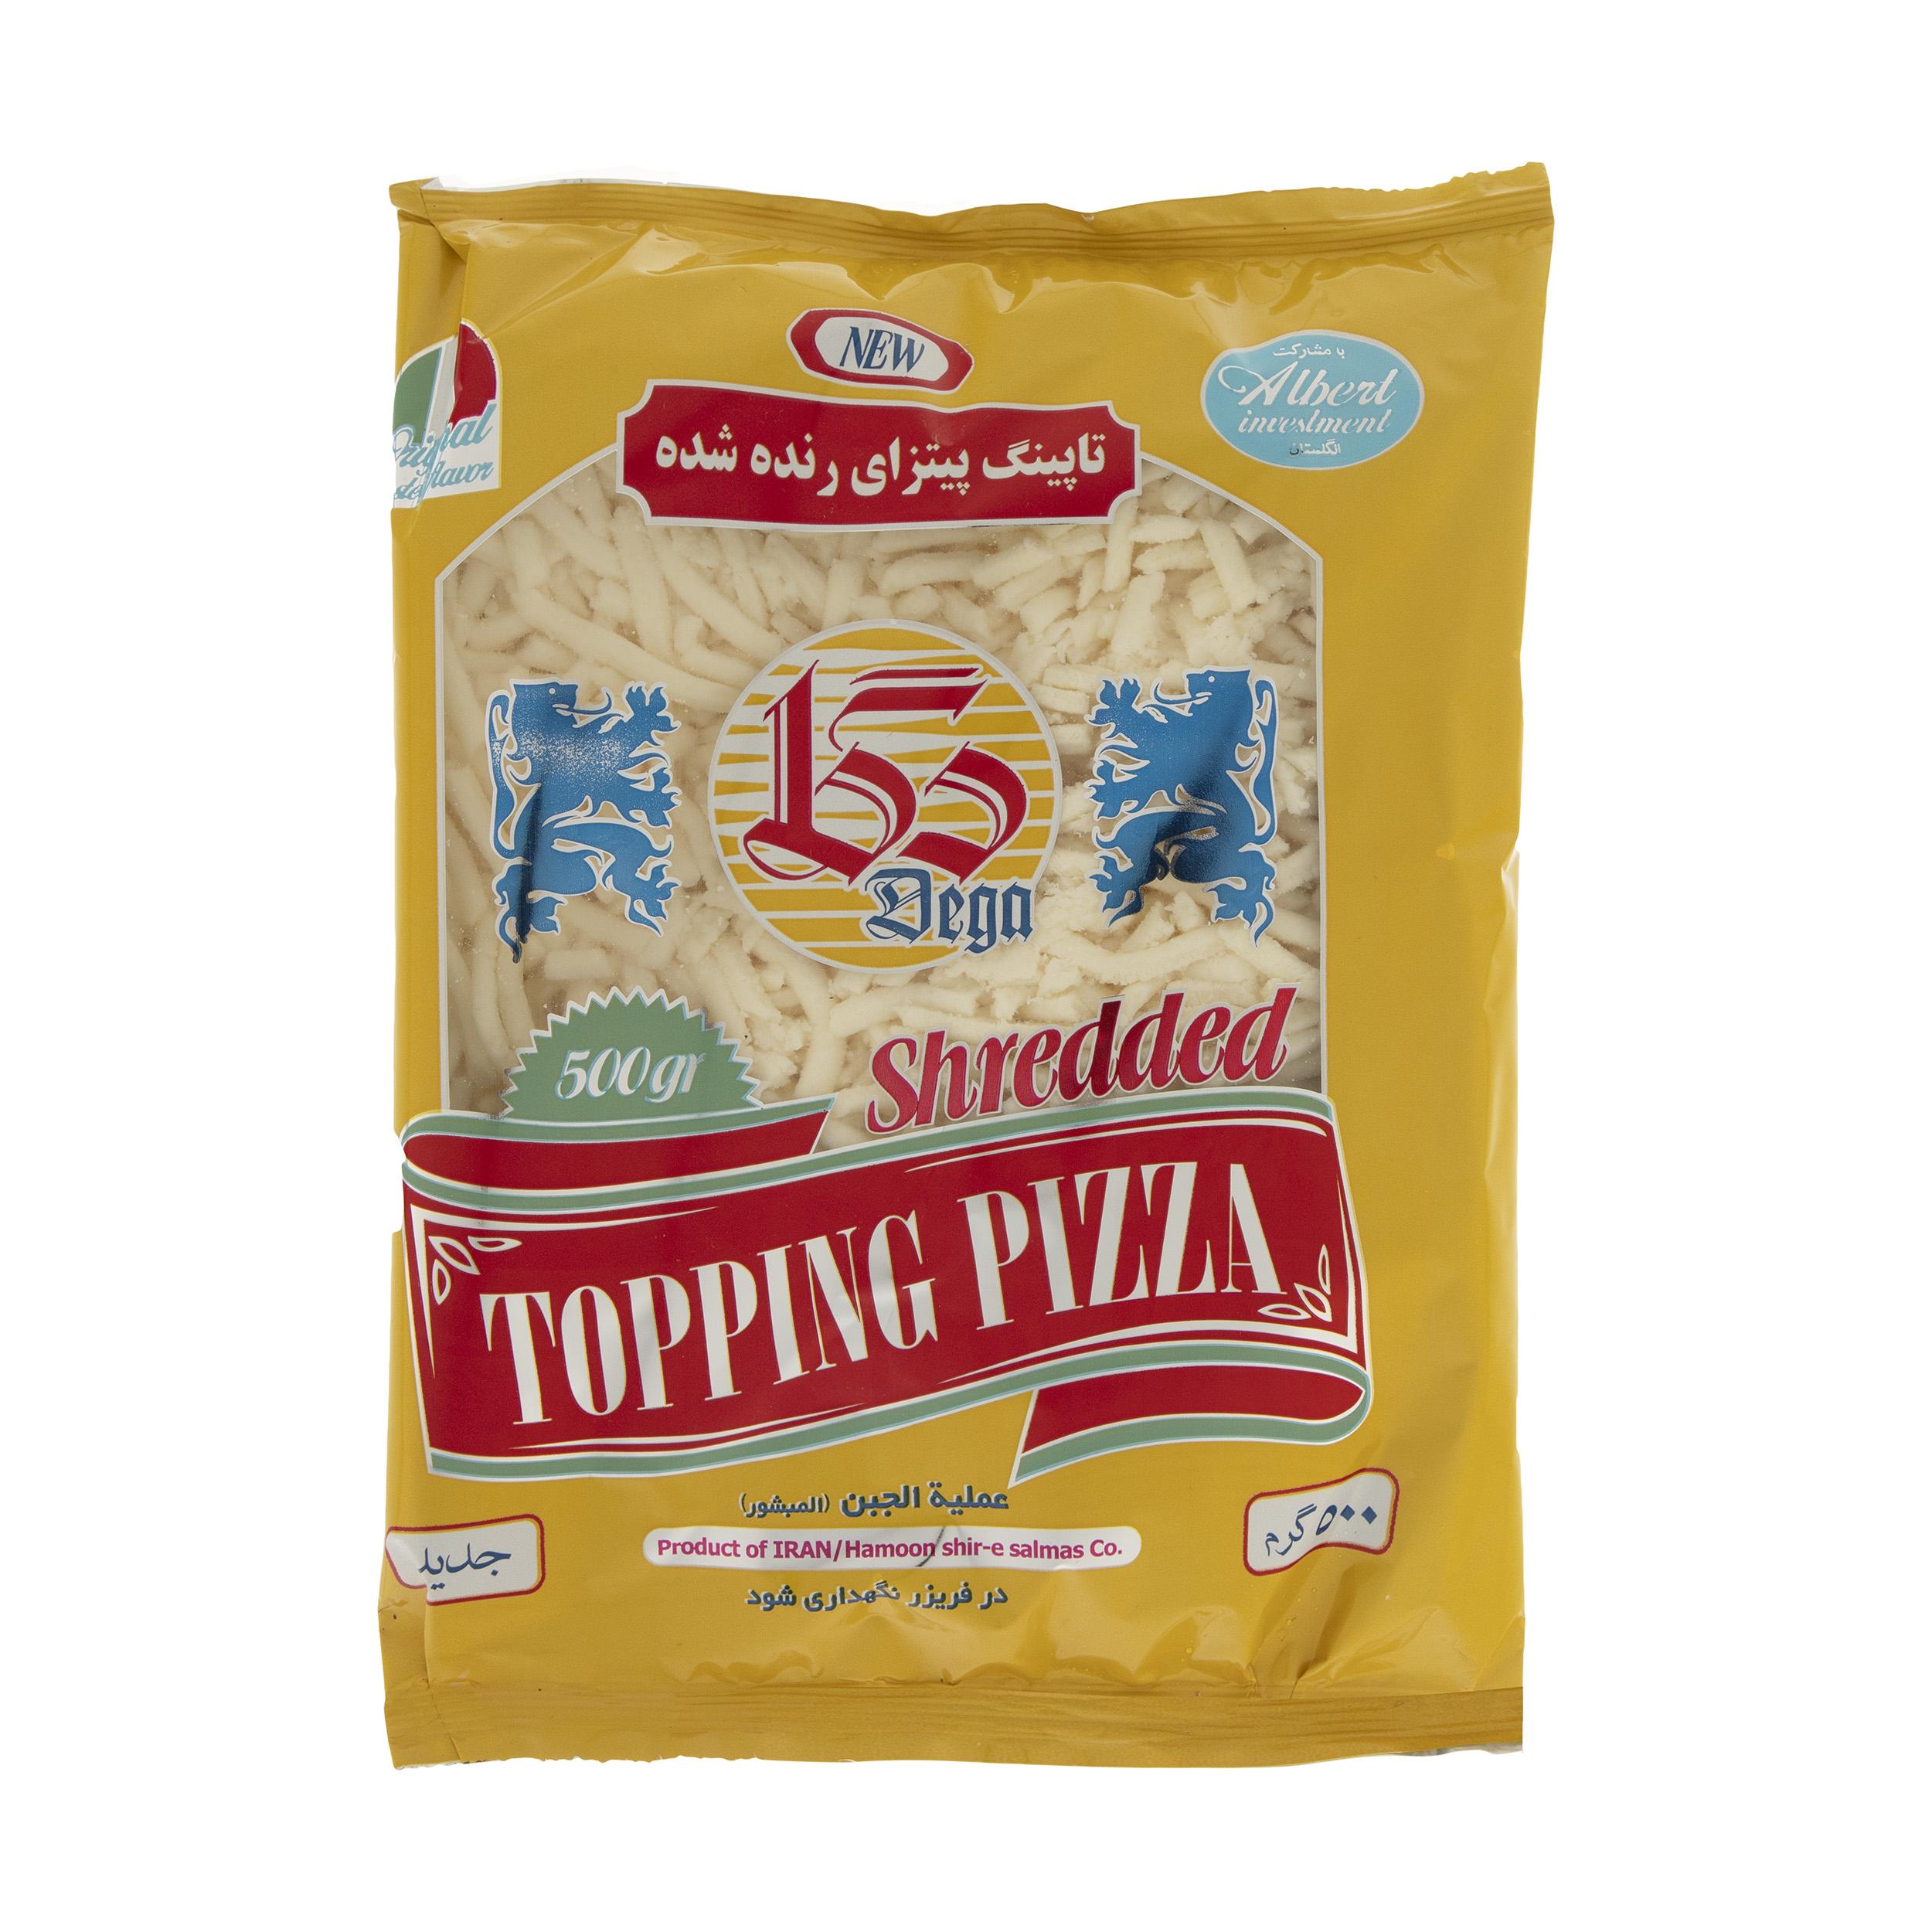 تاپینگ پیتزا منجمد دگا مقدار 500 گرم